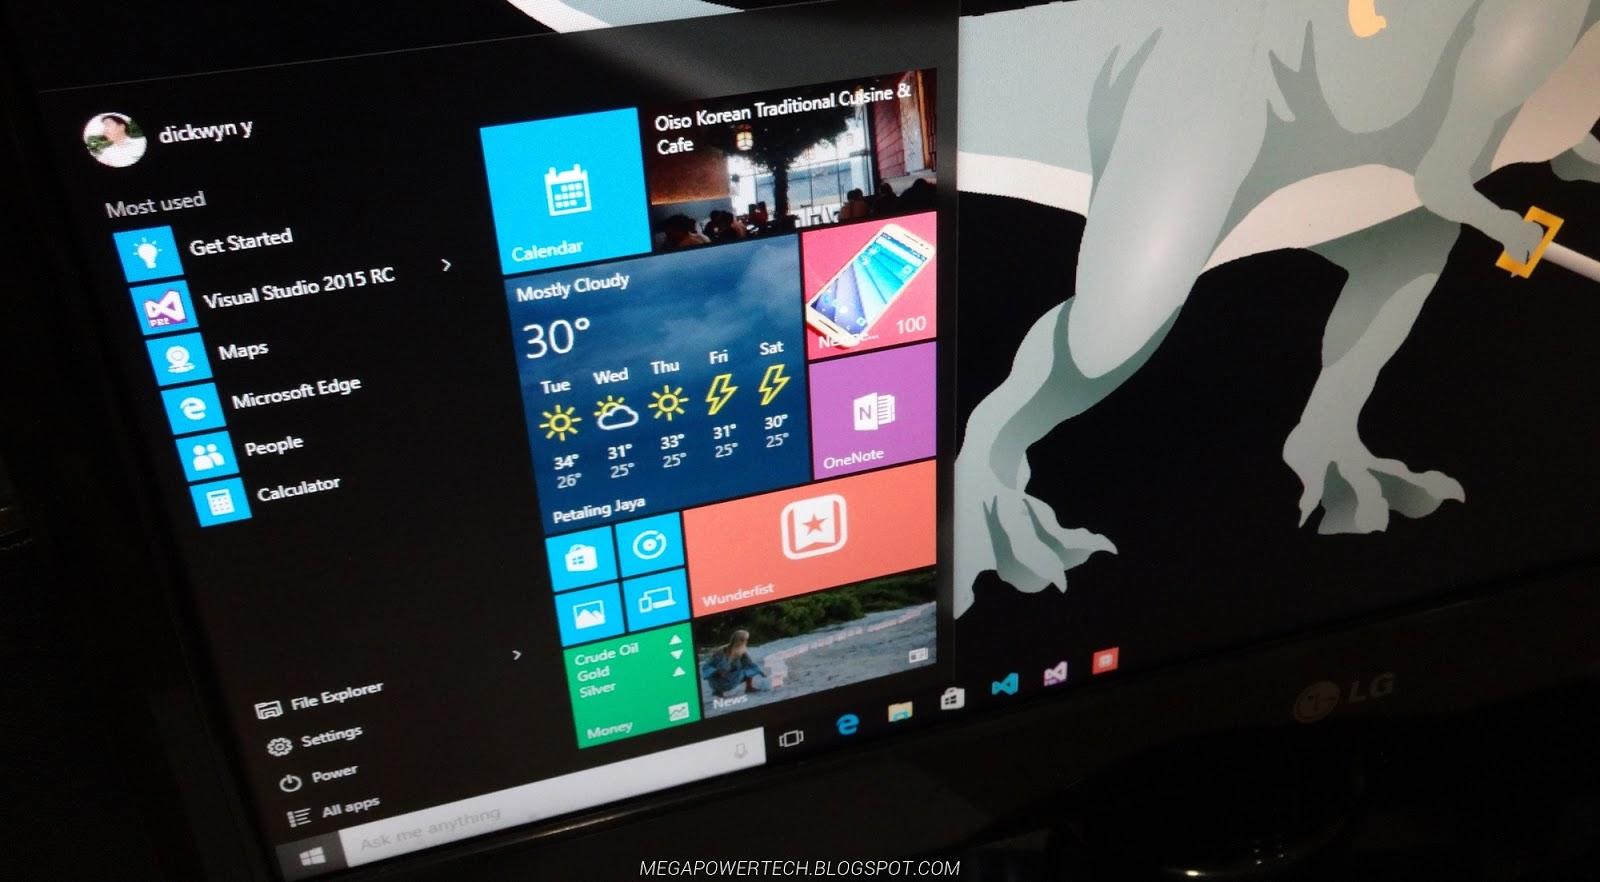 windows-10-review-hero-image-malaysia